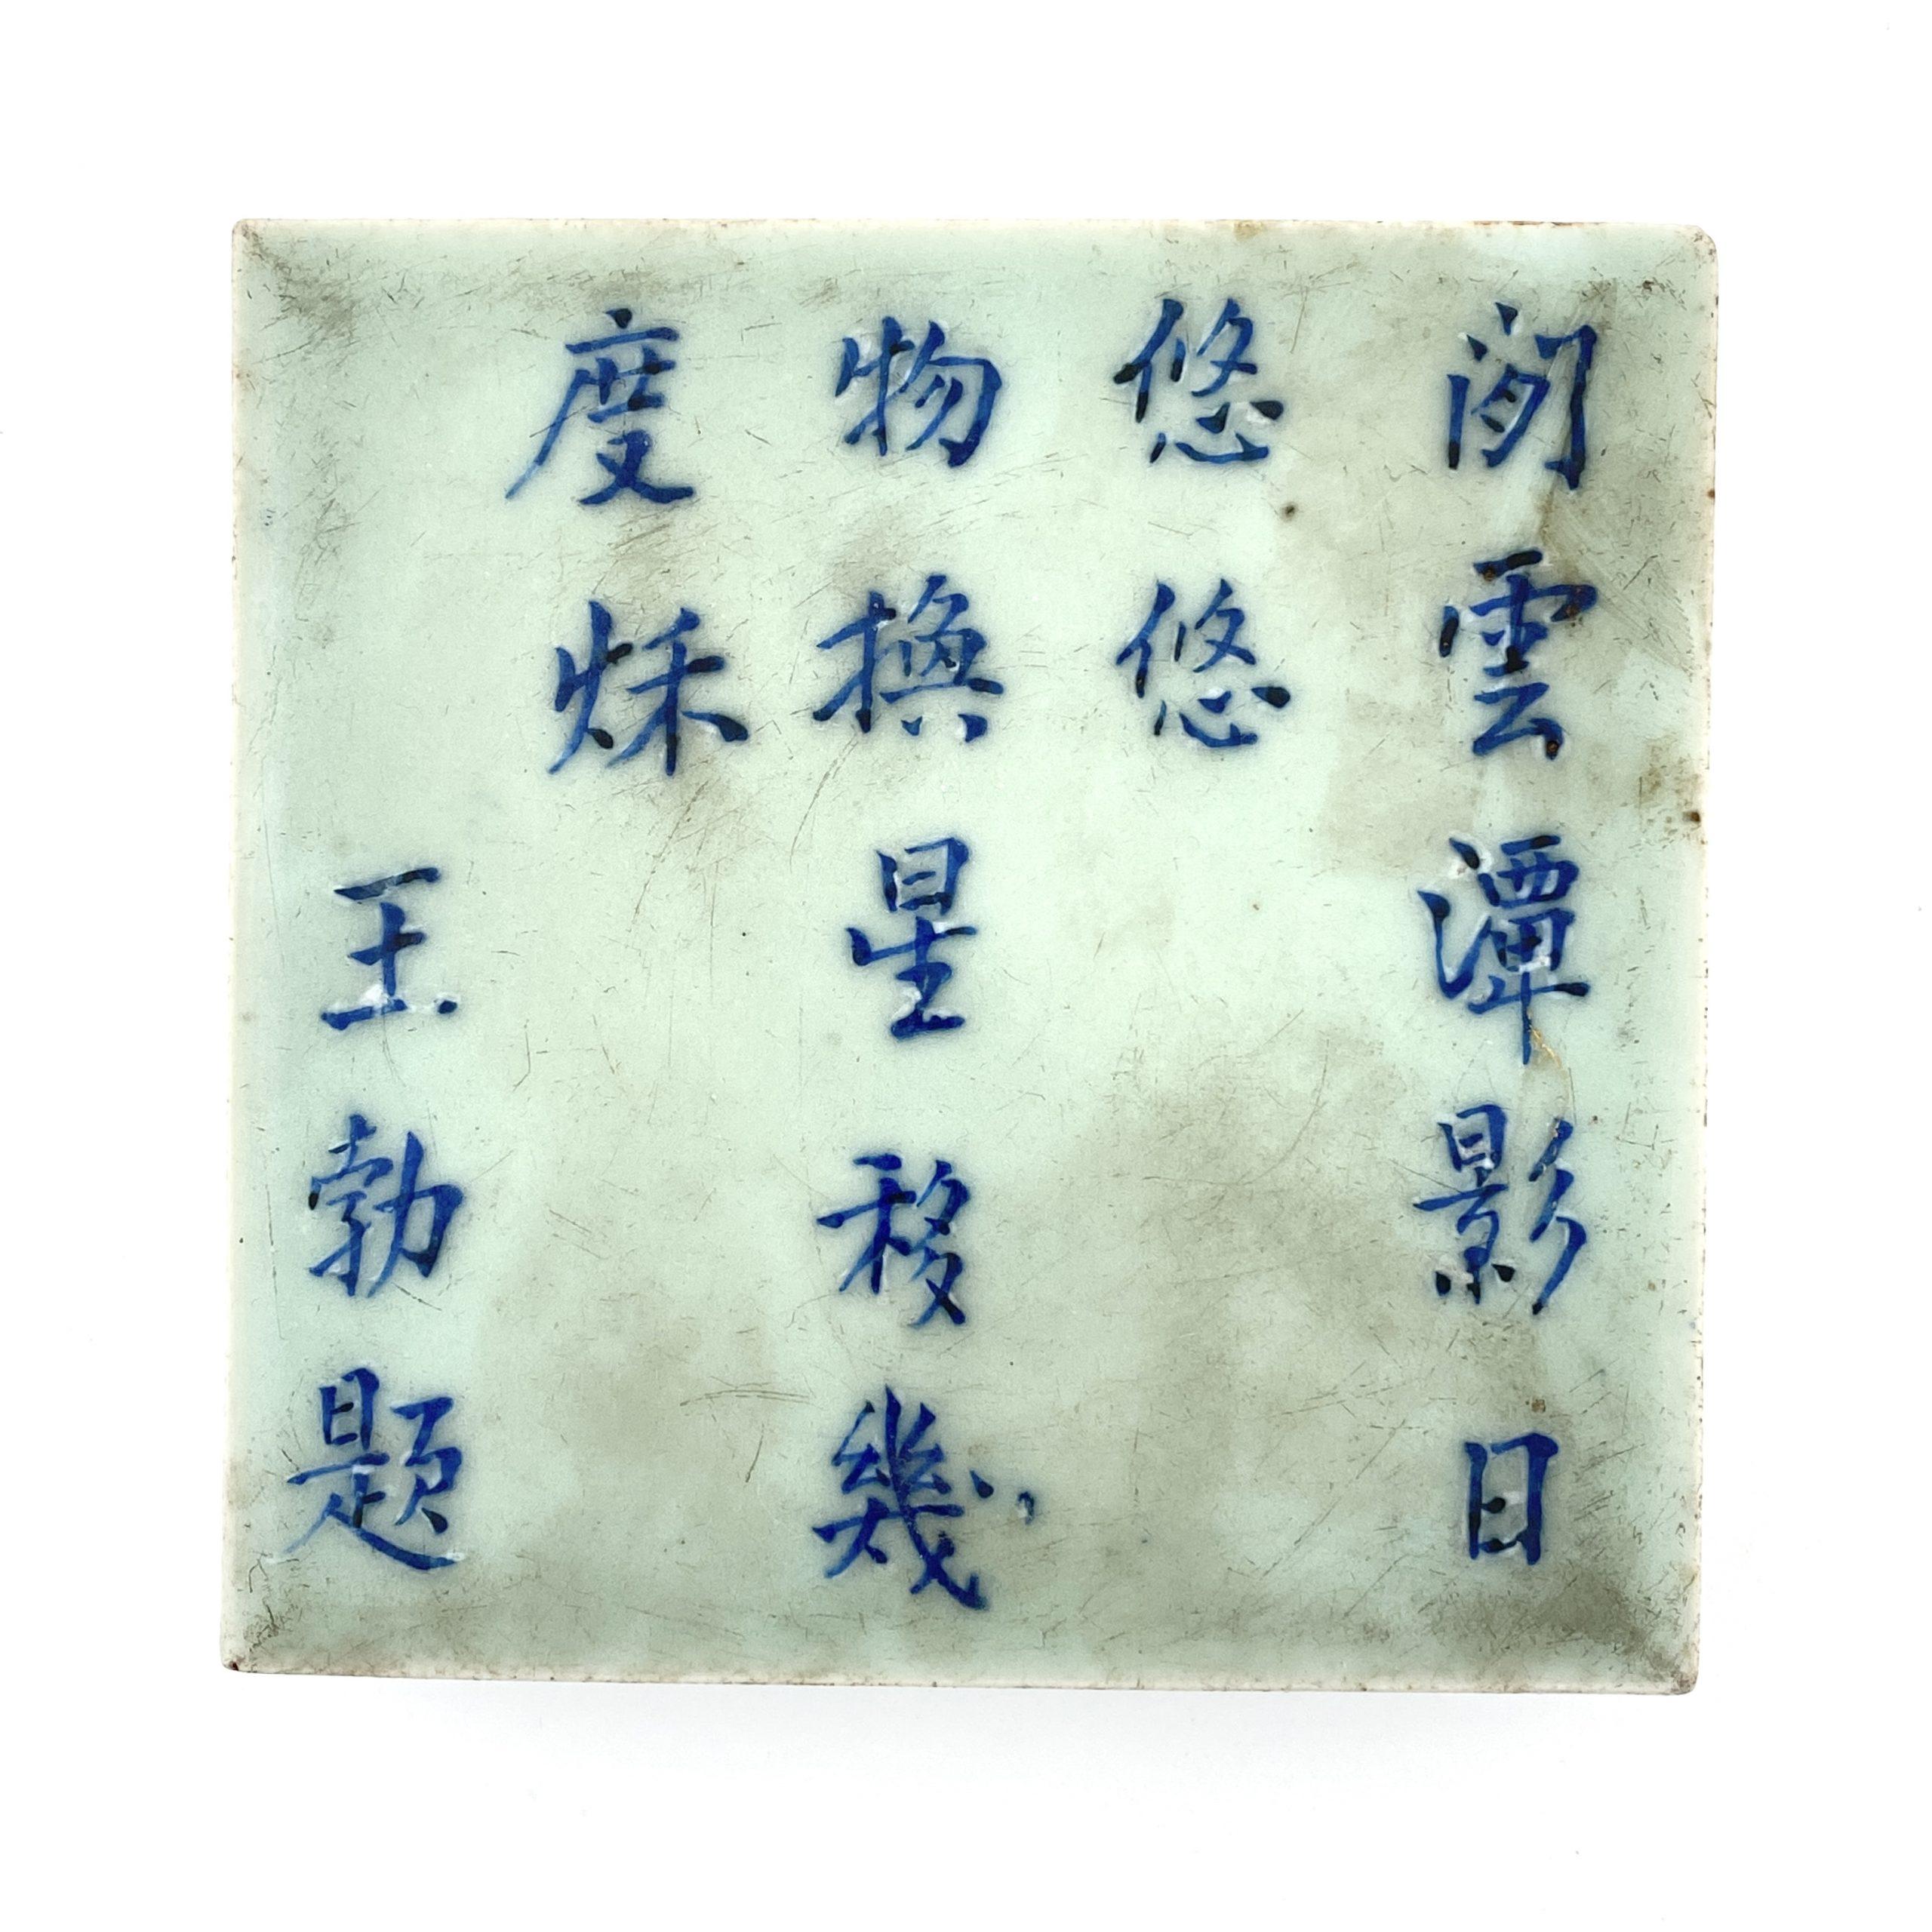 21675「成化年製」款 青花 詩文紋 四足盤